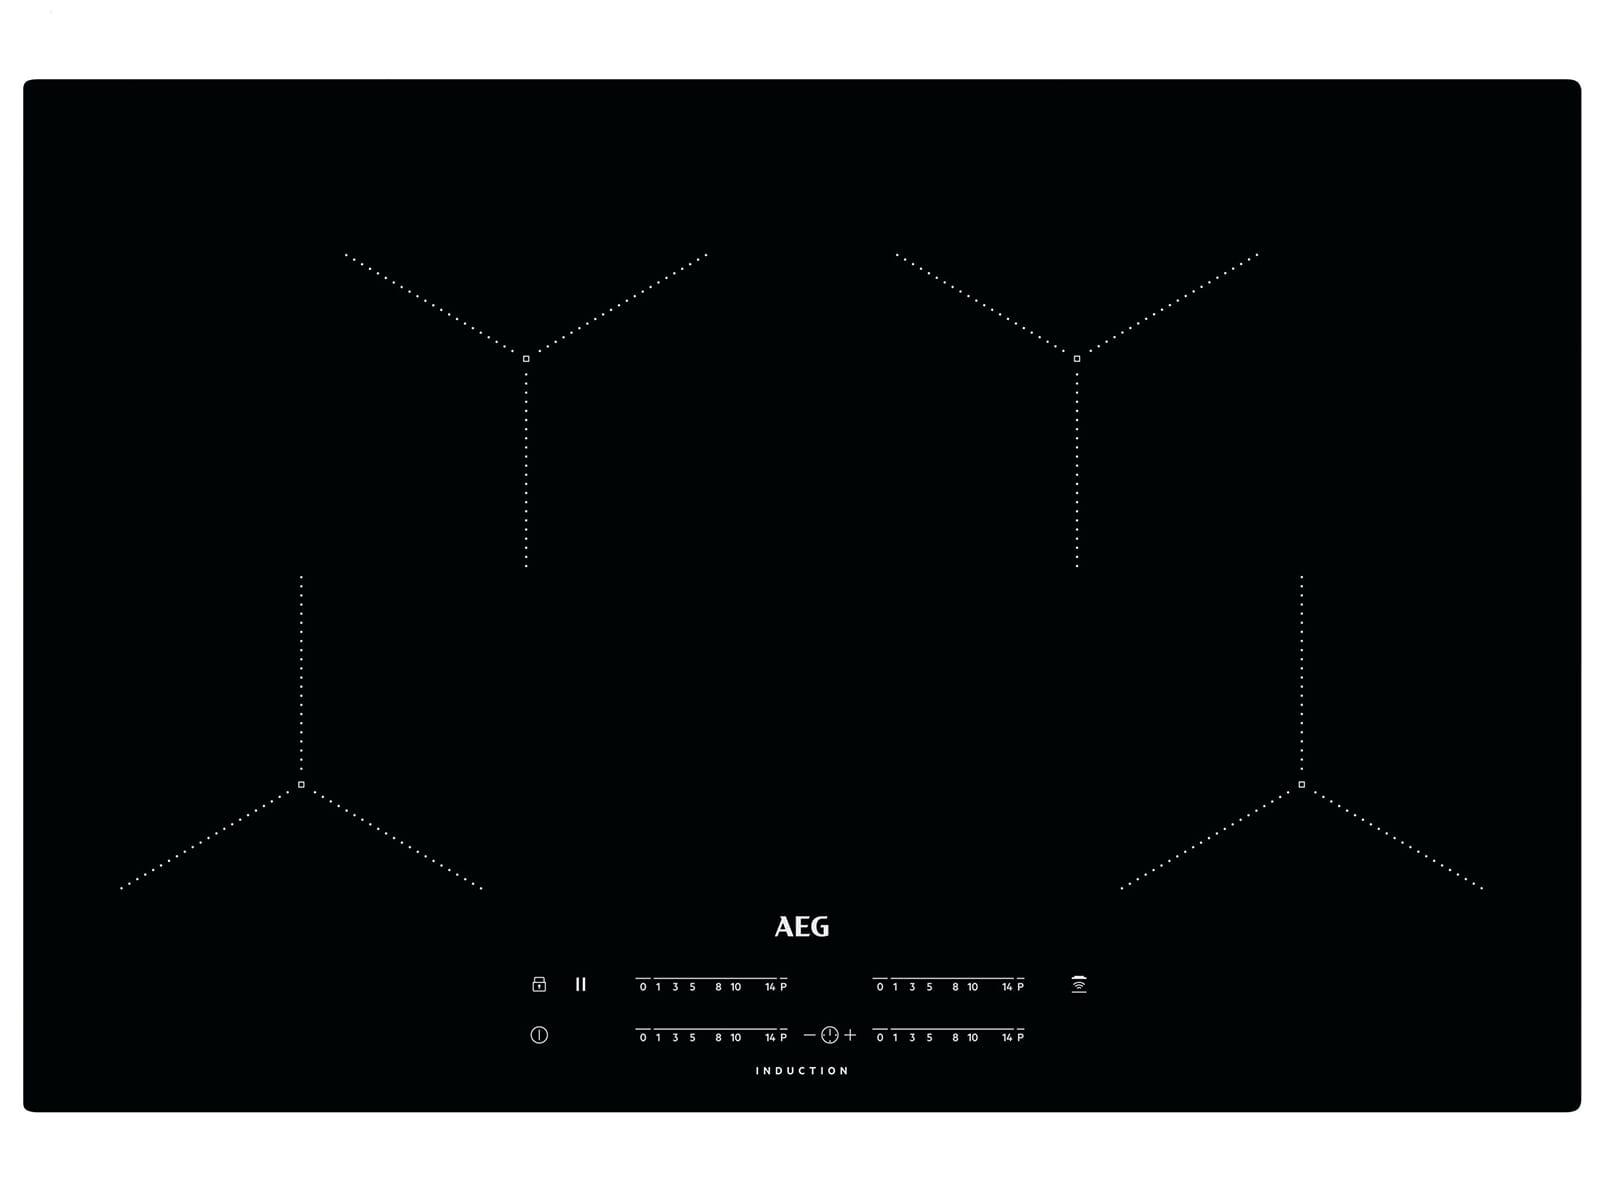 aeg ikb84431ib induktionskochfeld autark. Black Bedroom Furniture Sets. Home Design Ideas